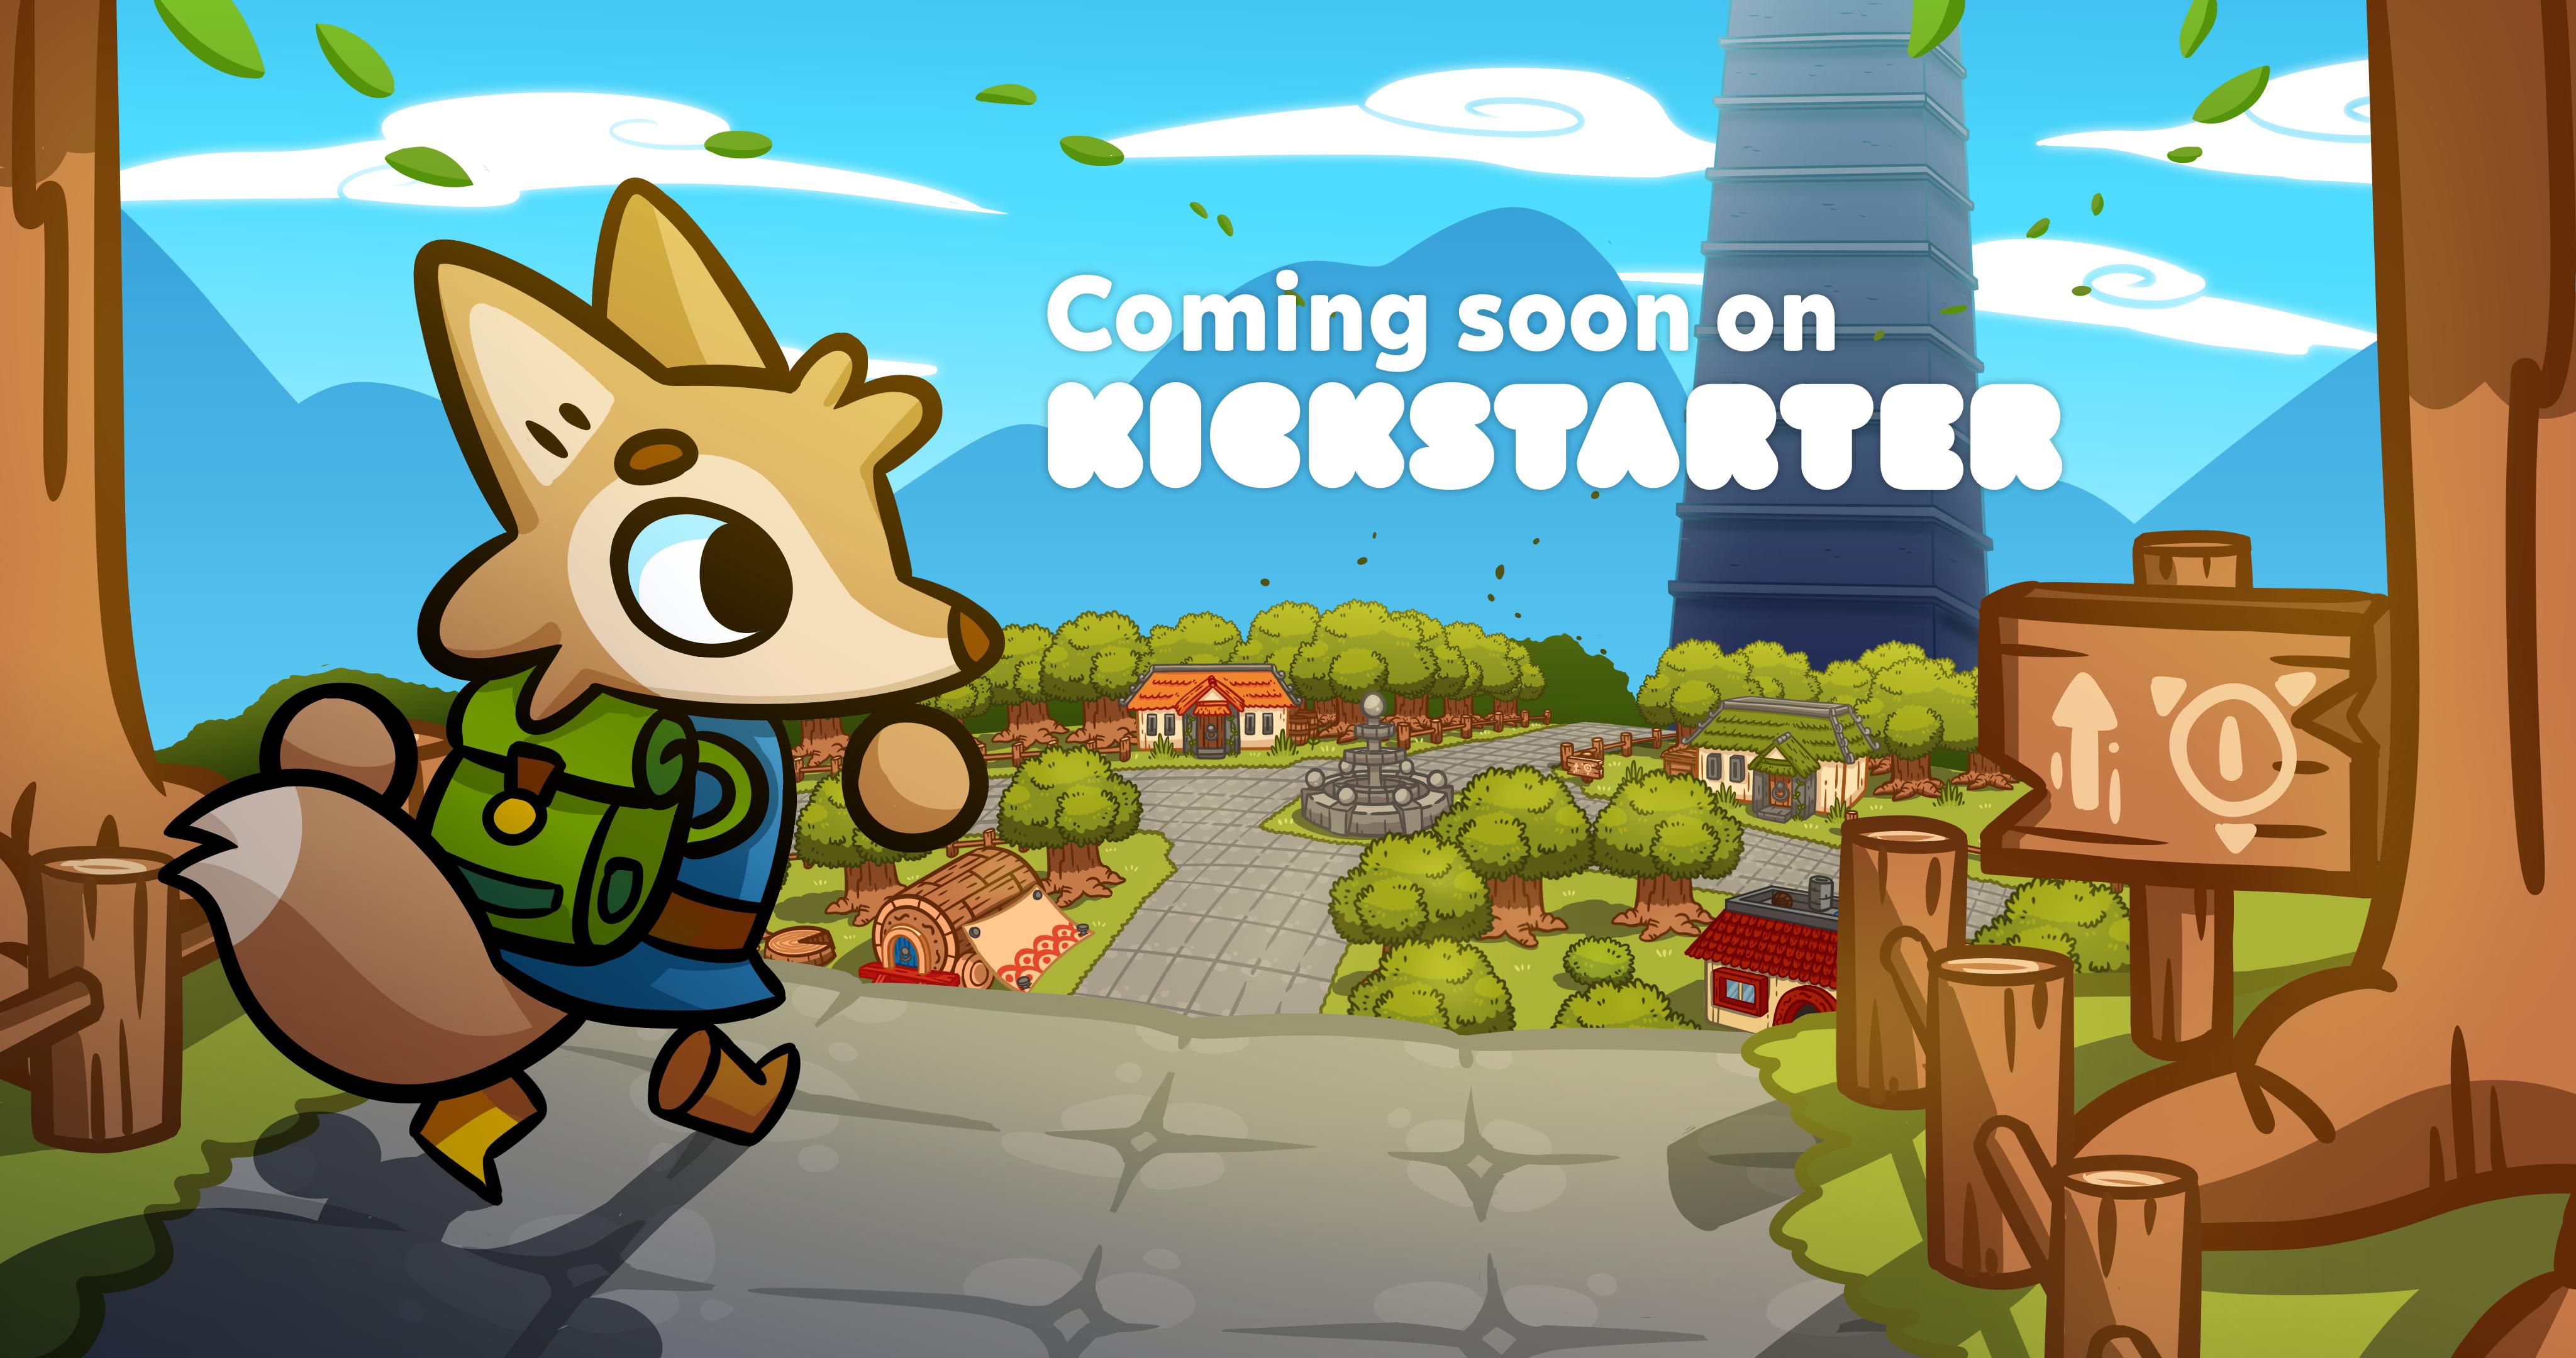 Soon on Kickstarter!